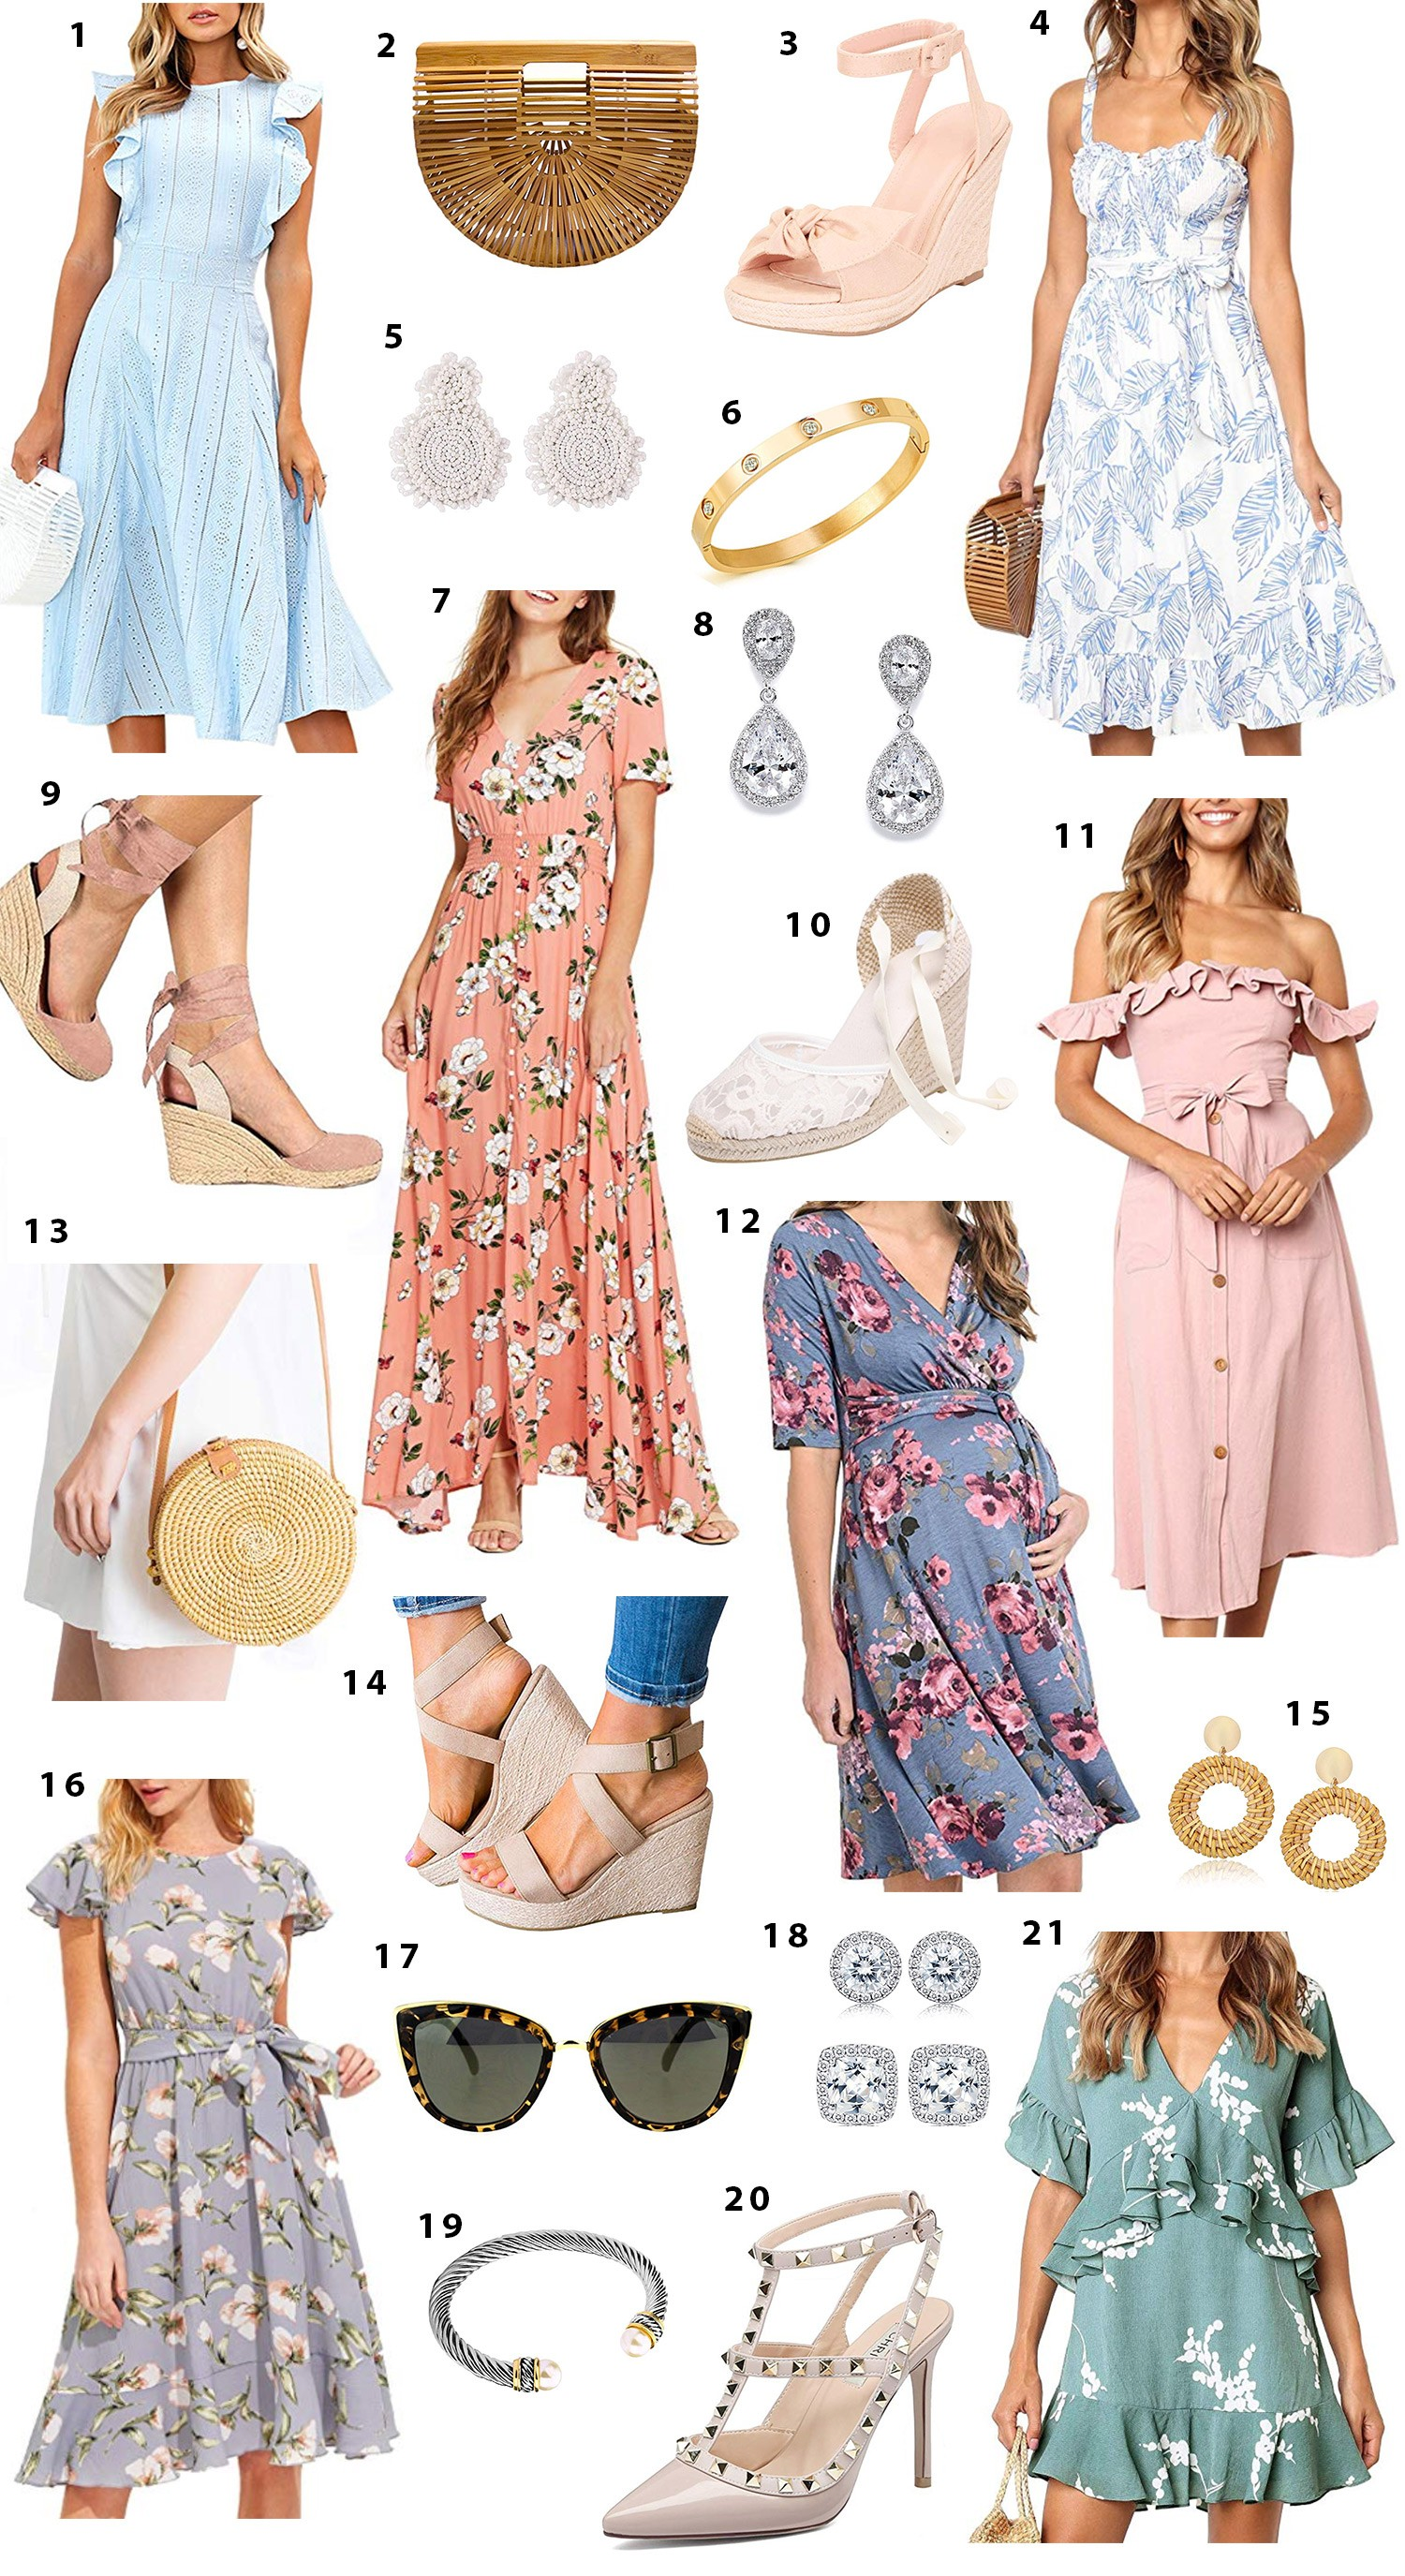 7b0cf790a2c Feminine Spring Amazon Fashion Finds Under  50